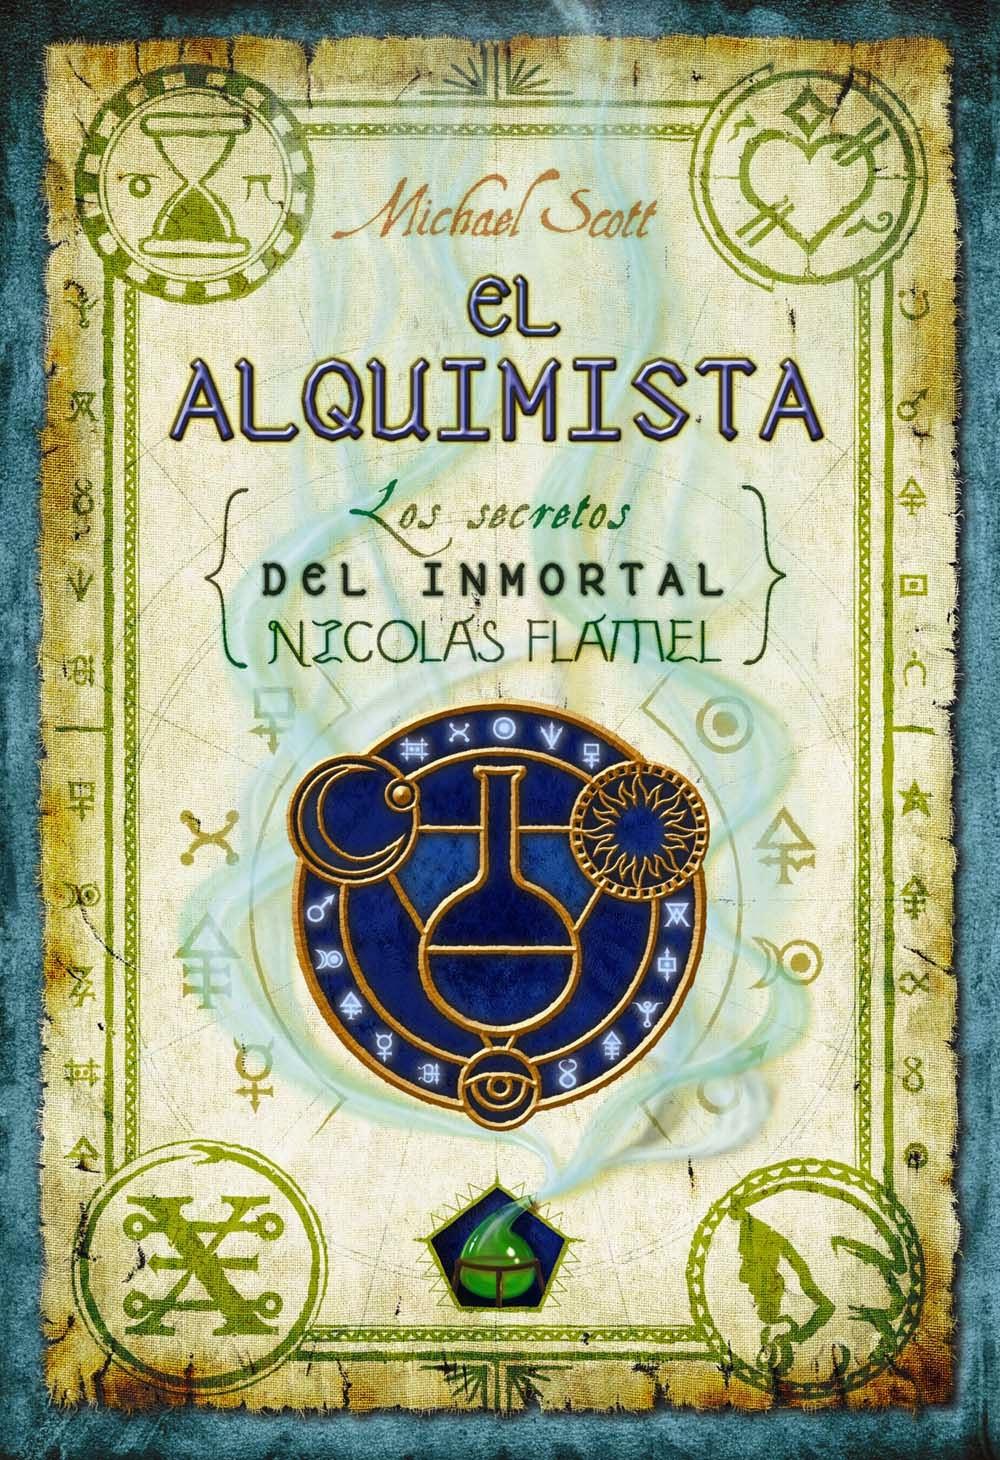 Libros Fantasia  El Alquimista Los Secretos Del Inmortal